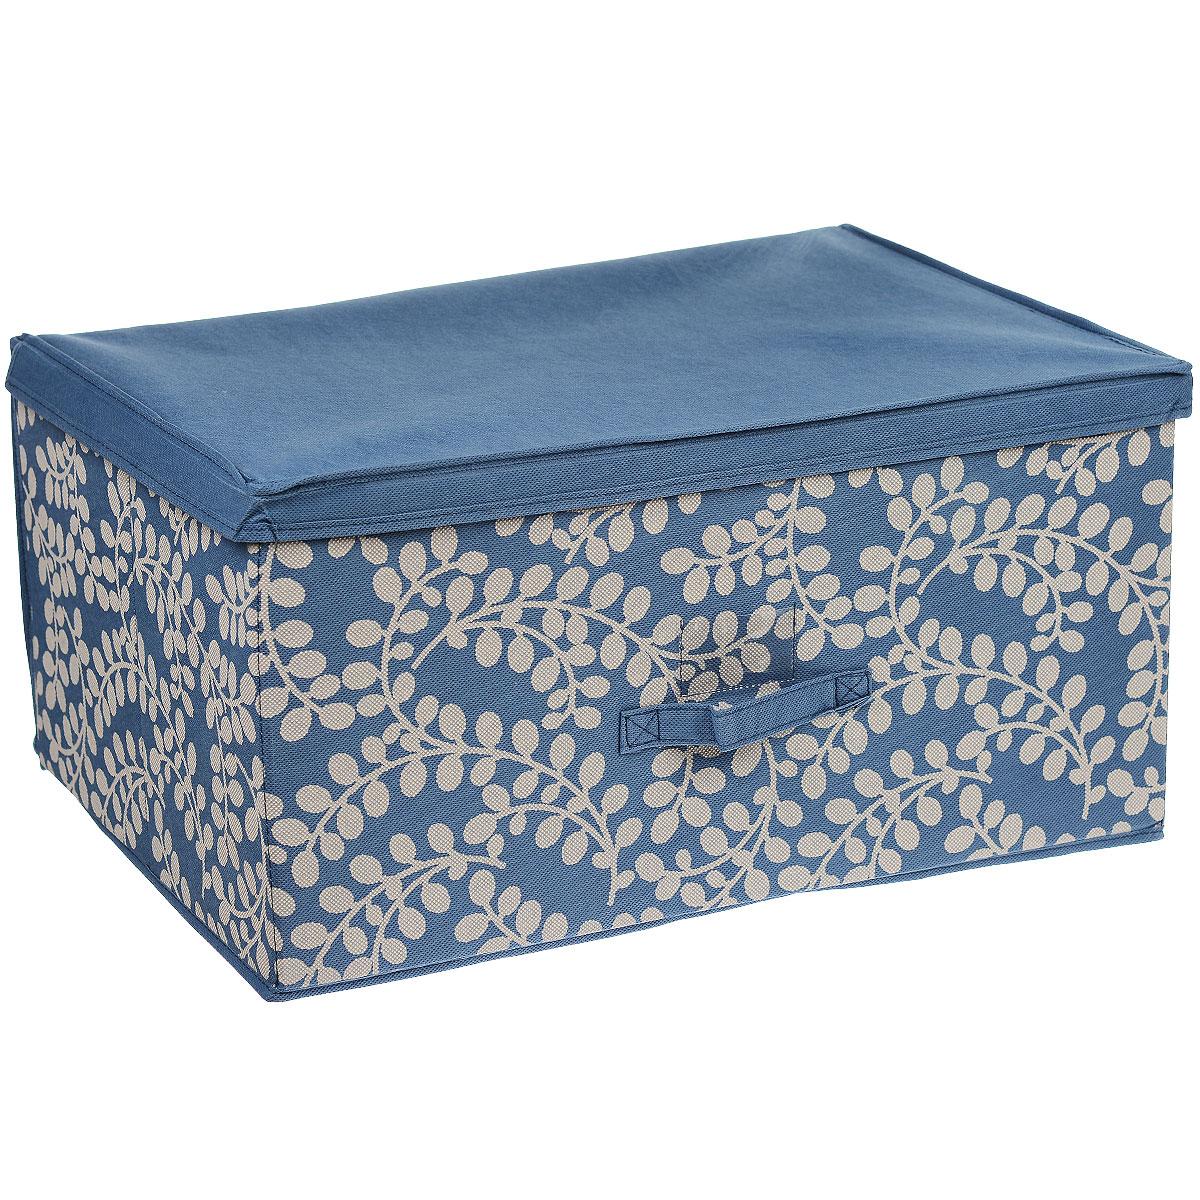 Чехол-коробка Cosatto Флораль, цвет: голубой, серый, 60 х 45 х 30 смCOVLSCTF03 голубой, серыйЧехол-коробка Cosatto Флораль поможет легко и красиво организовать пространство в кладовой, спальне, гардеробе. Изделие выполнено из дышащего нетканого материала (полипропилен), украшенного изящным растительным узором. Прочность каркаса обеспечивается наличием внутри плотных и толстых листов картона. Чехол-коробка закрывается крышкой, что поможет защитить вещи от пыли и грязи. Сбоку имеется ручка. Чехол подходит для хранения габаритной одежды, толстых пуховых одеял и других вещей. Складная конструкция обеспечивает компактное хранение.